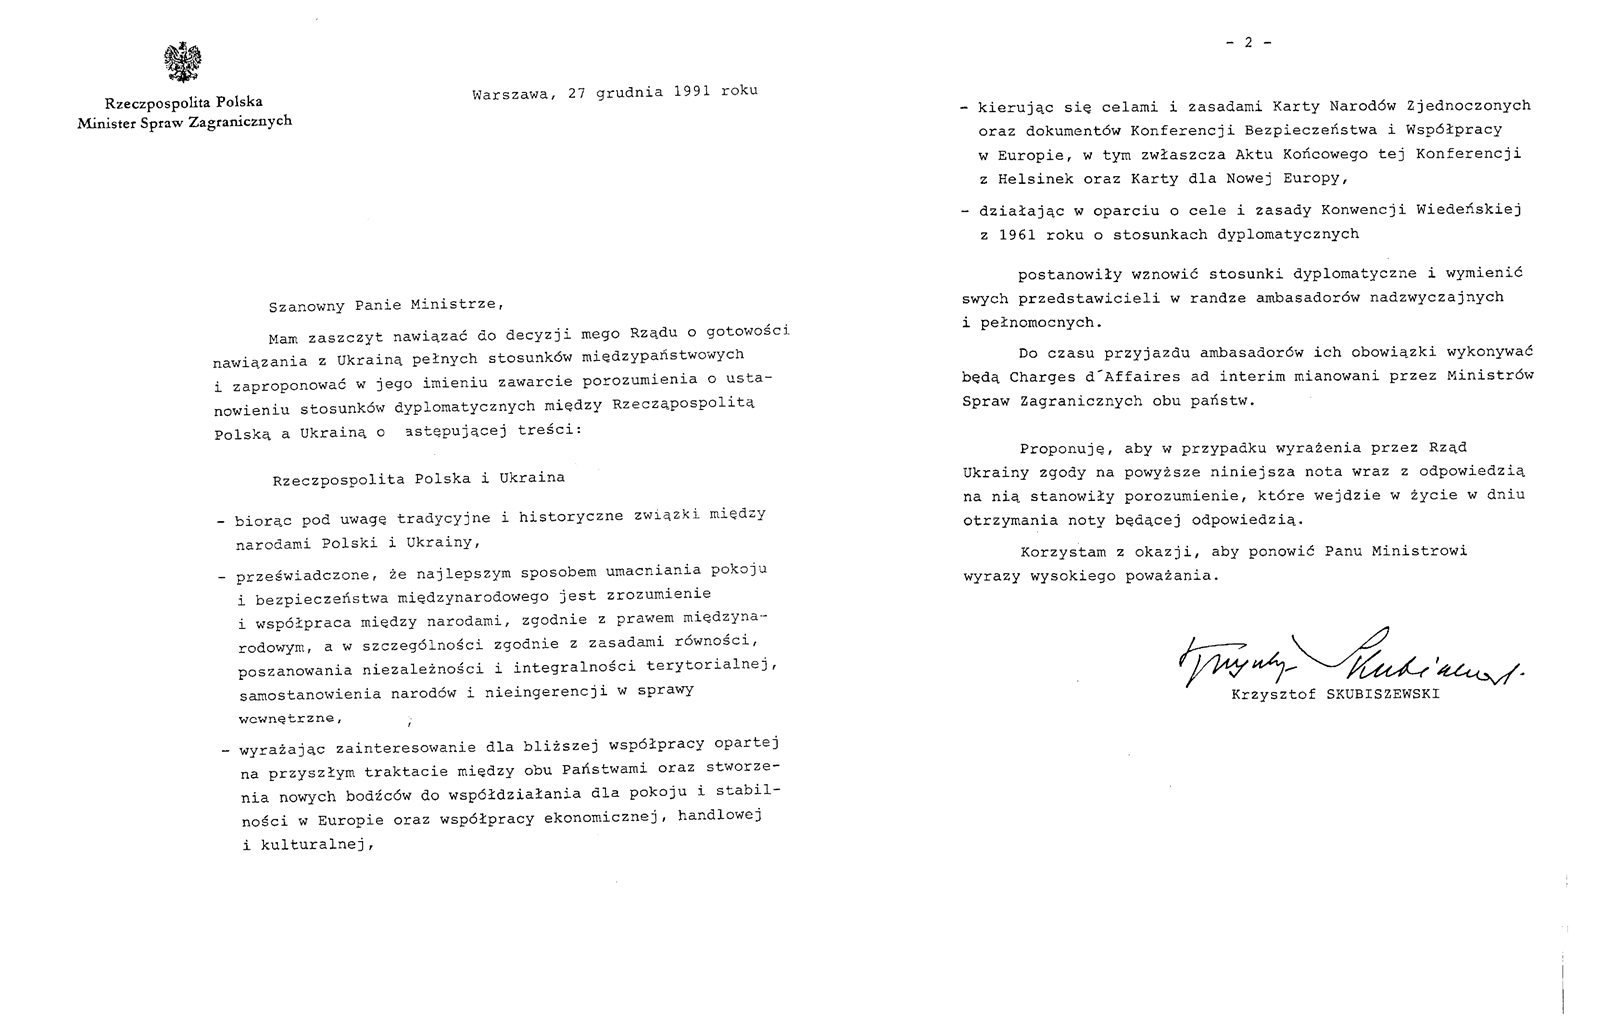 Нота МЗС РП до МЗС України з пропозицією встановлення повноцінних дипломатичних стосунків, 27 грудня 1991